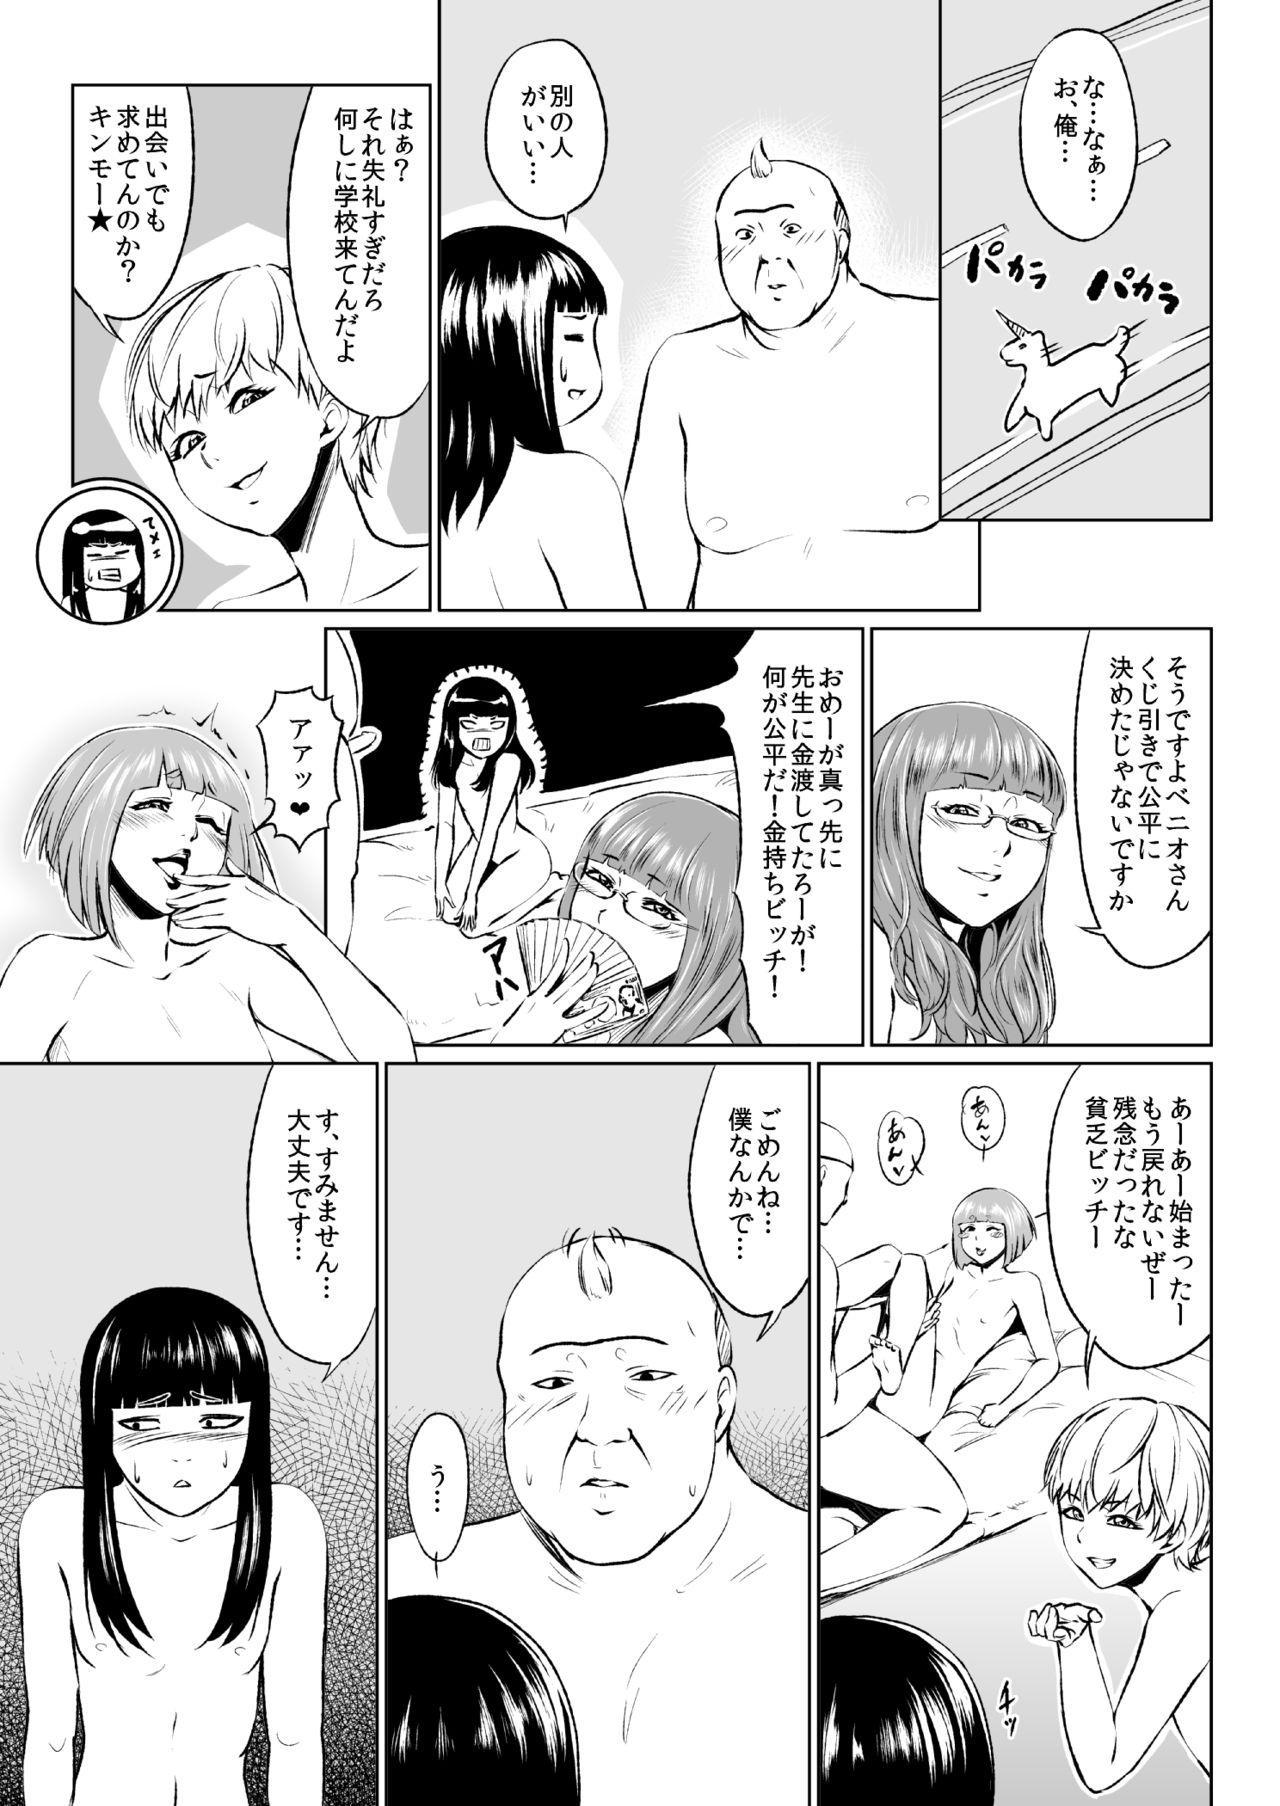 [Zenra QQ] Ero-kei Senmon Gakkou Otokoka-teki nano no 1-wa 2